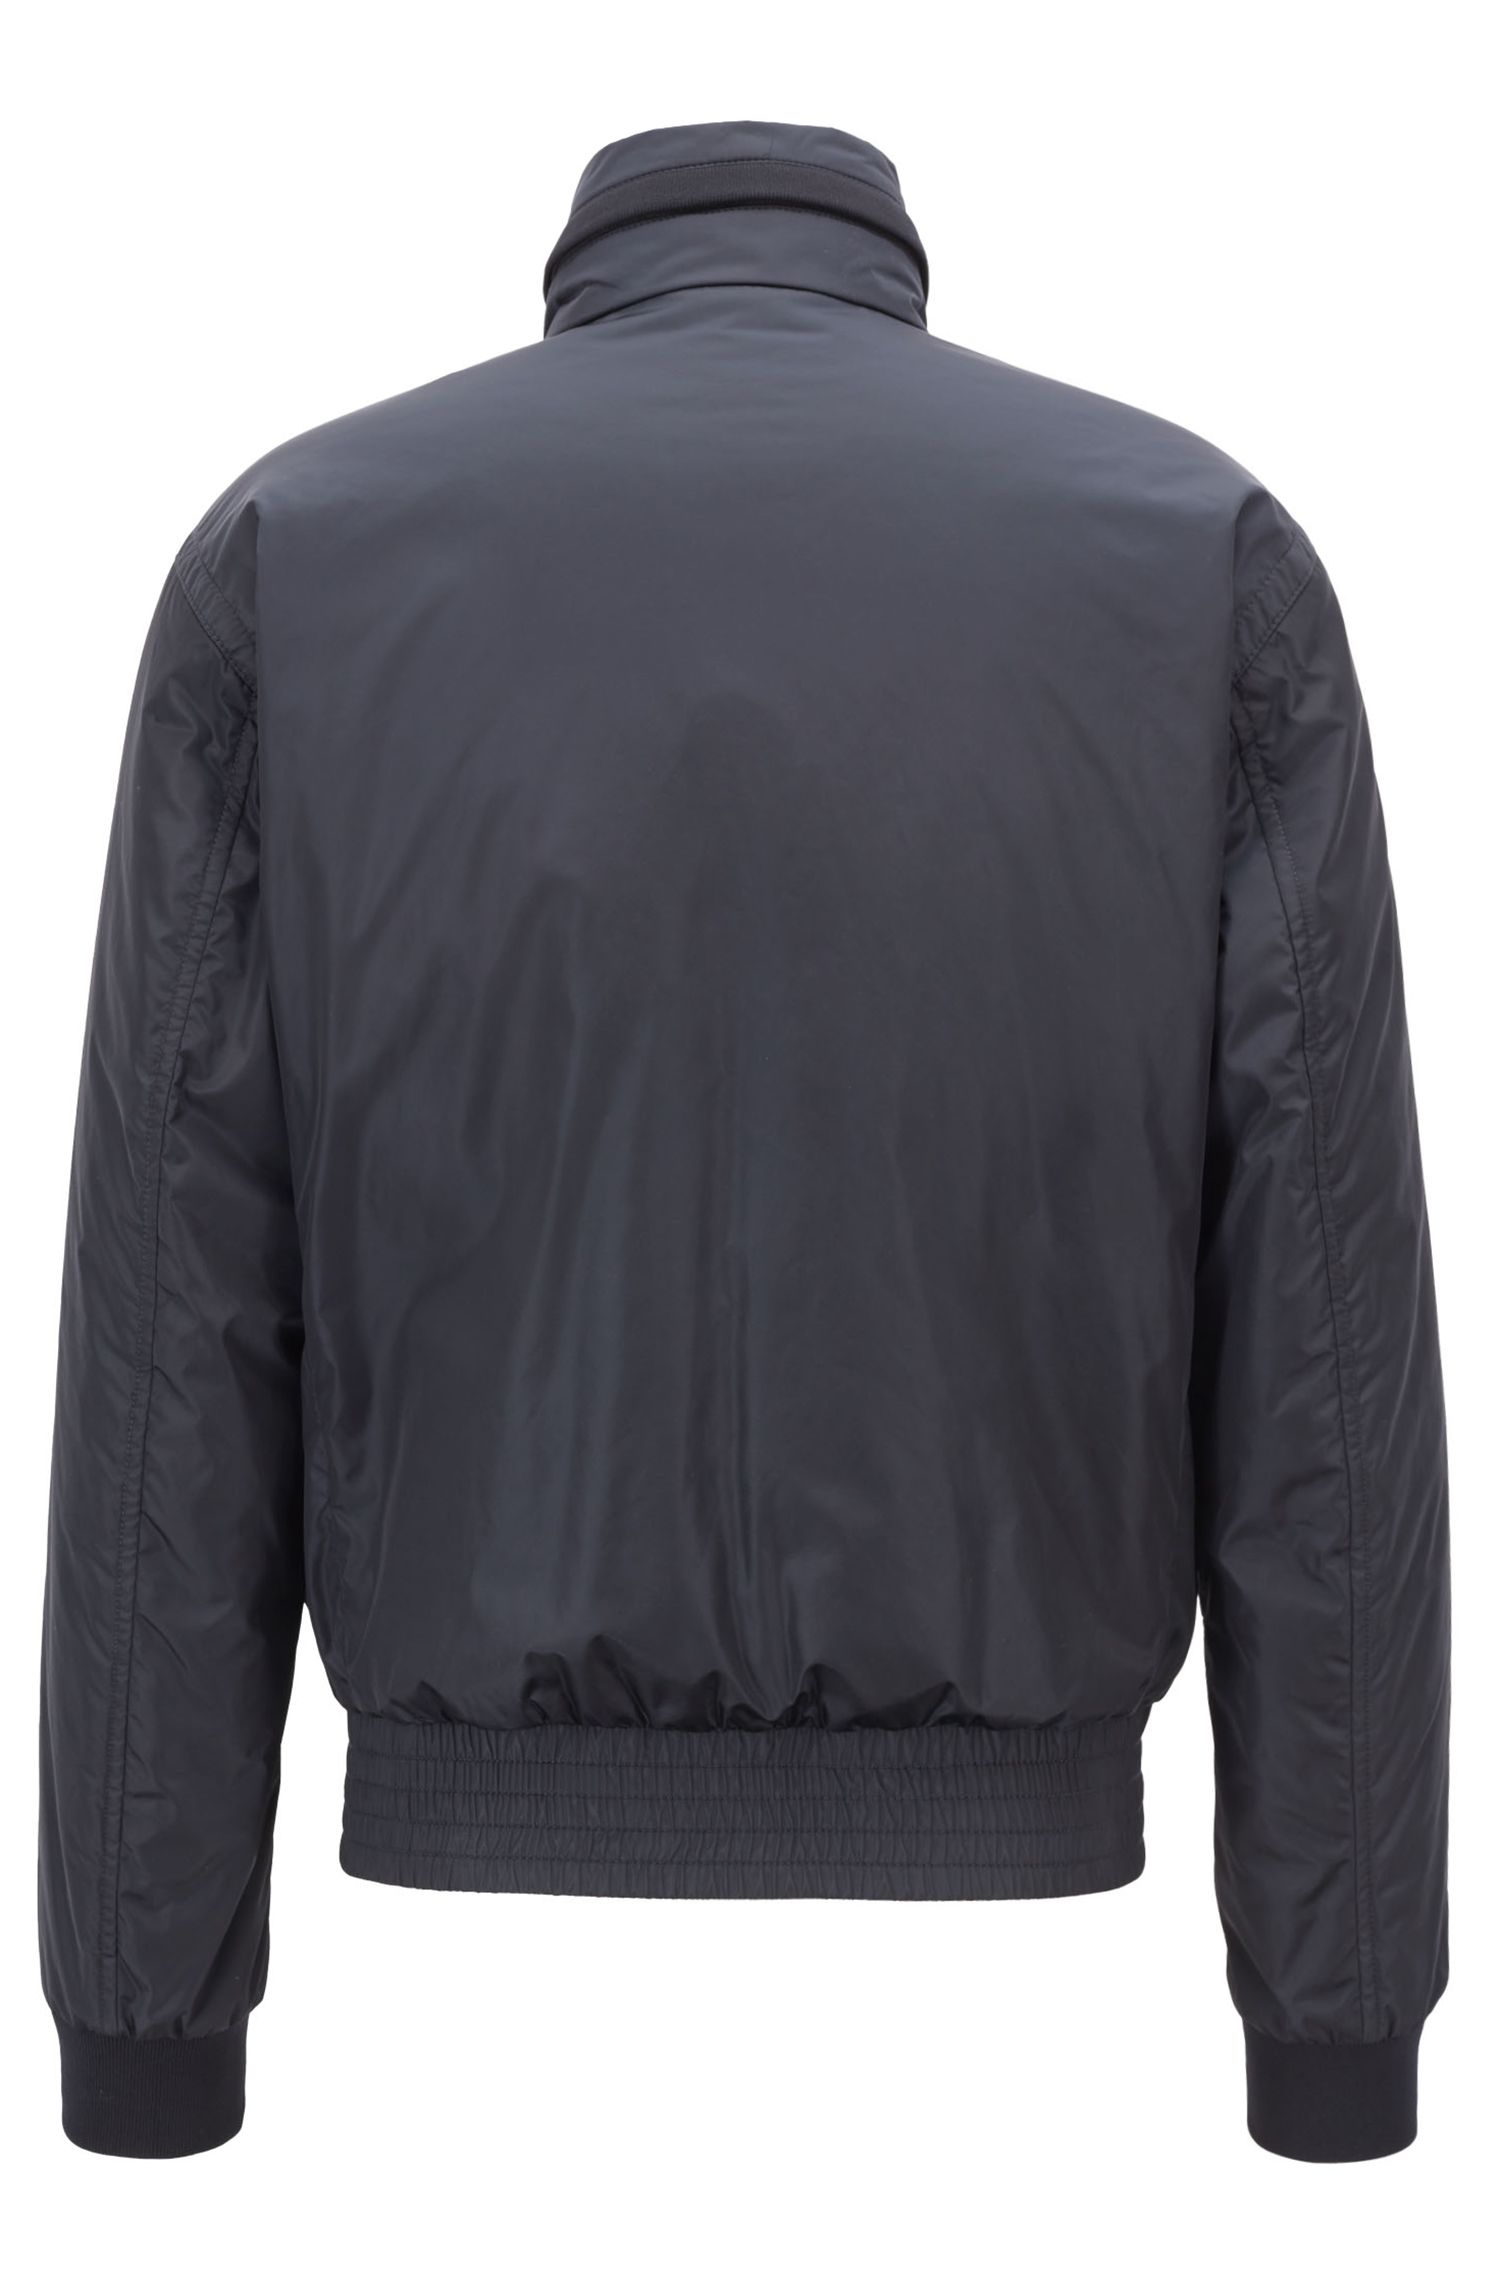 Waterafstotende blousonjas met verstouwbare capuchon, Donkerblauw